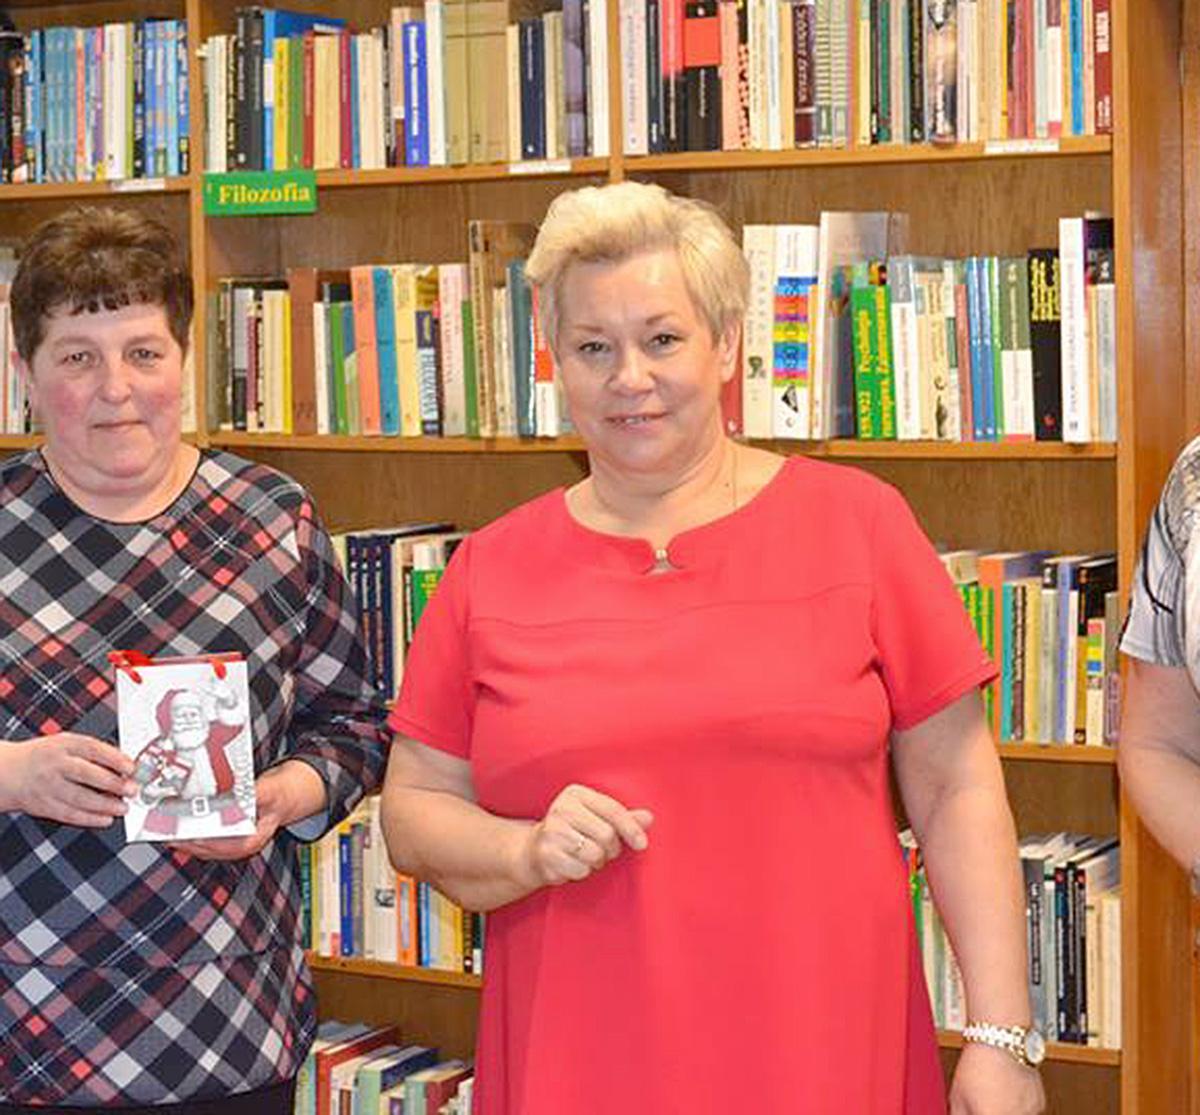 Sylwetki, Bożena Mazur bibliotekarzem - zdjęcie, fotografia